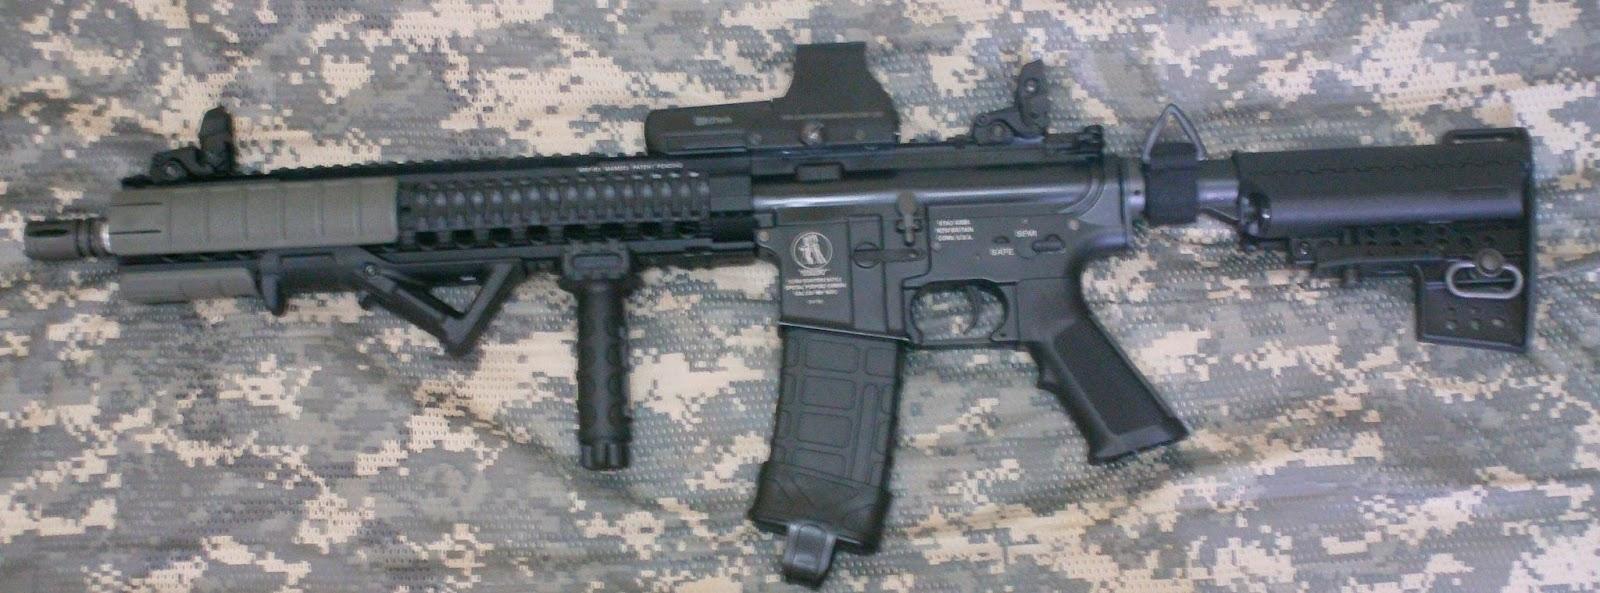 Tactical M4 Carbine Ta...